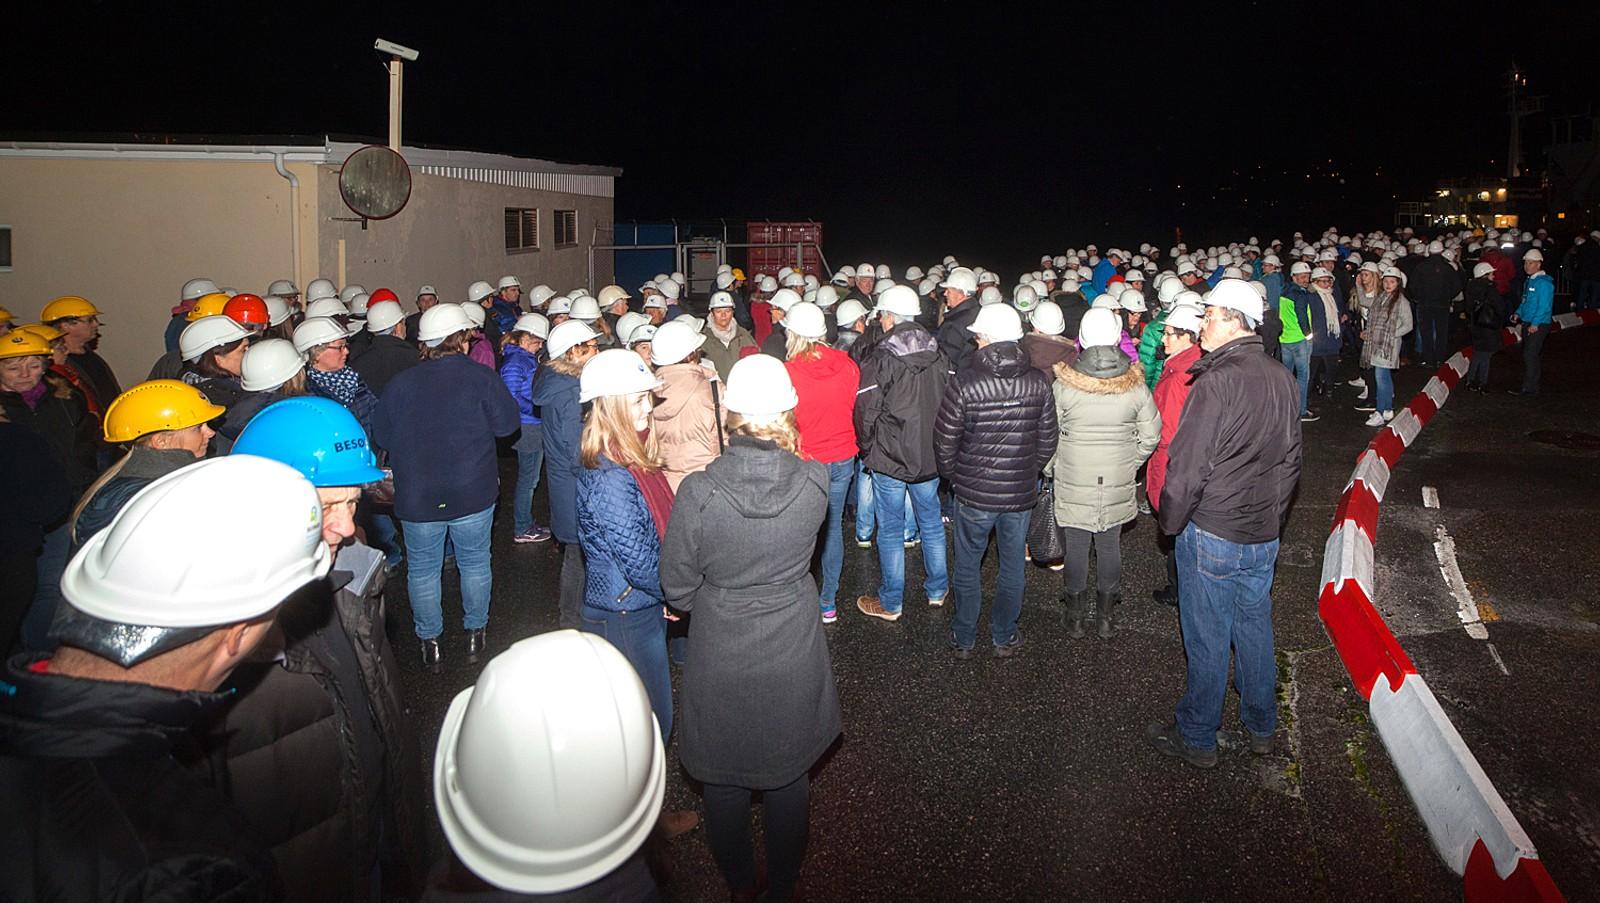 TIDLEG UTE: Mykje folk samla seg utanfor Høyanger Metalllverk før konserten.